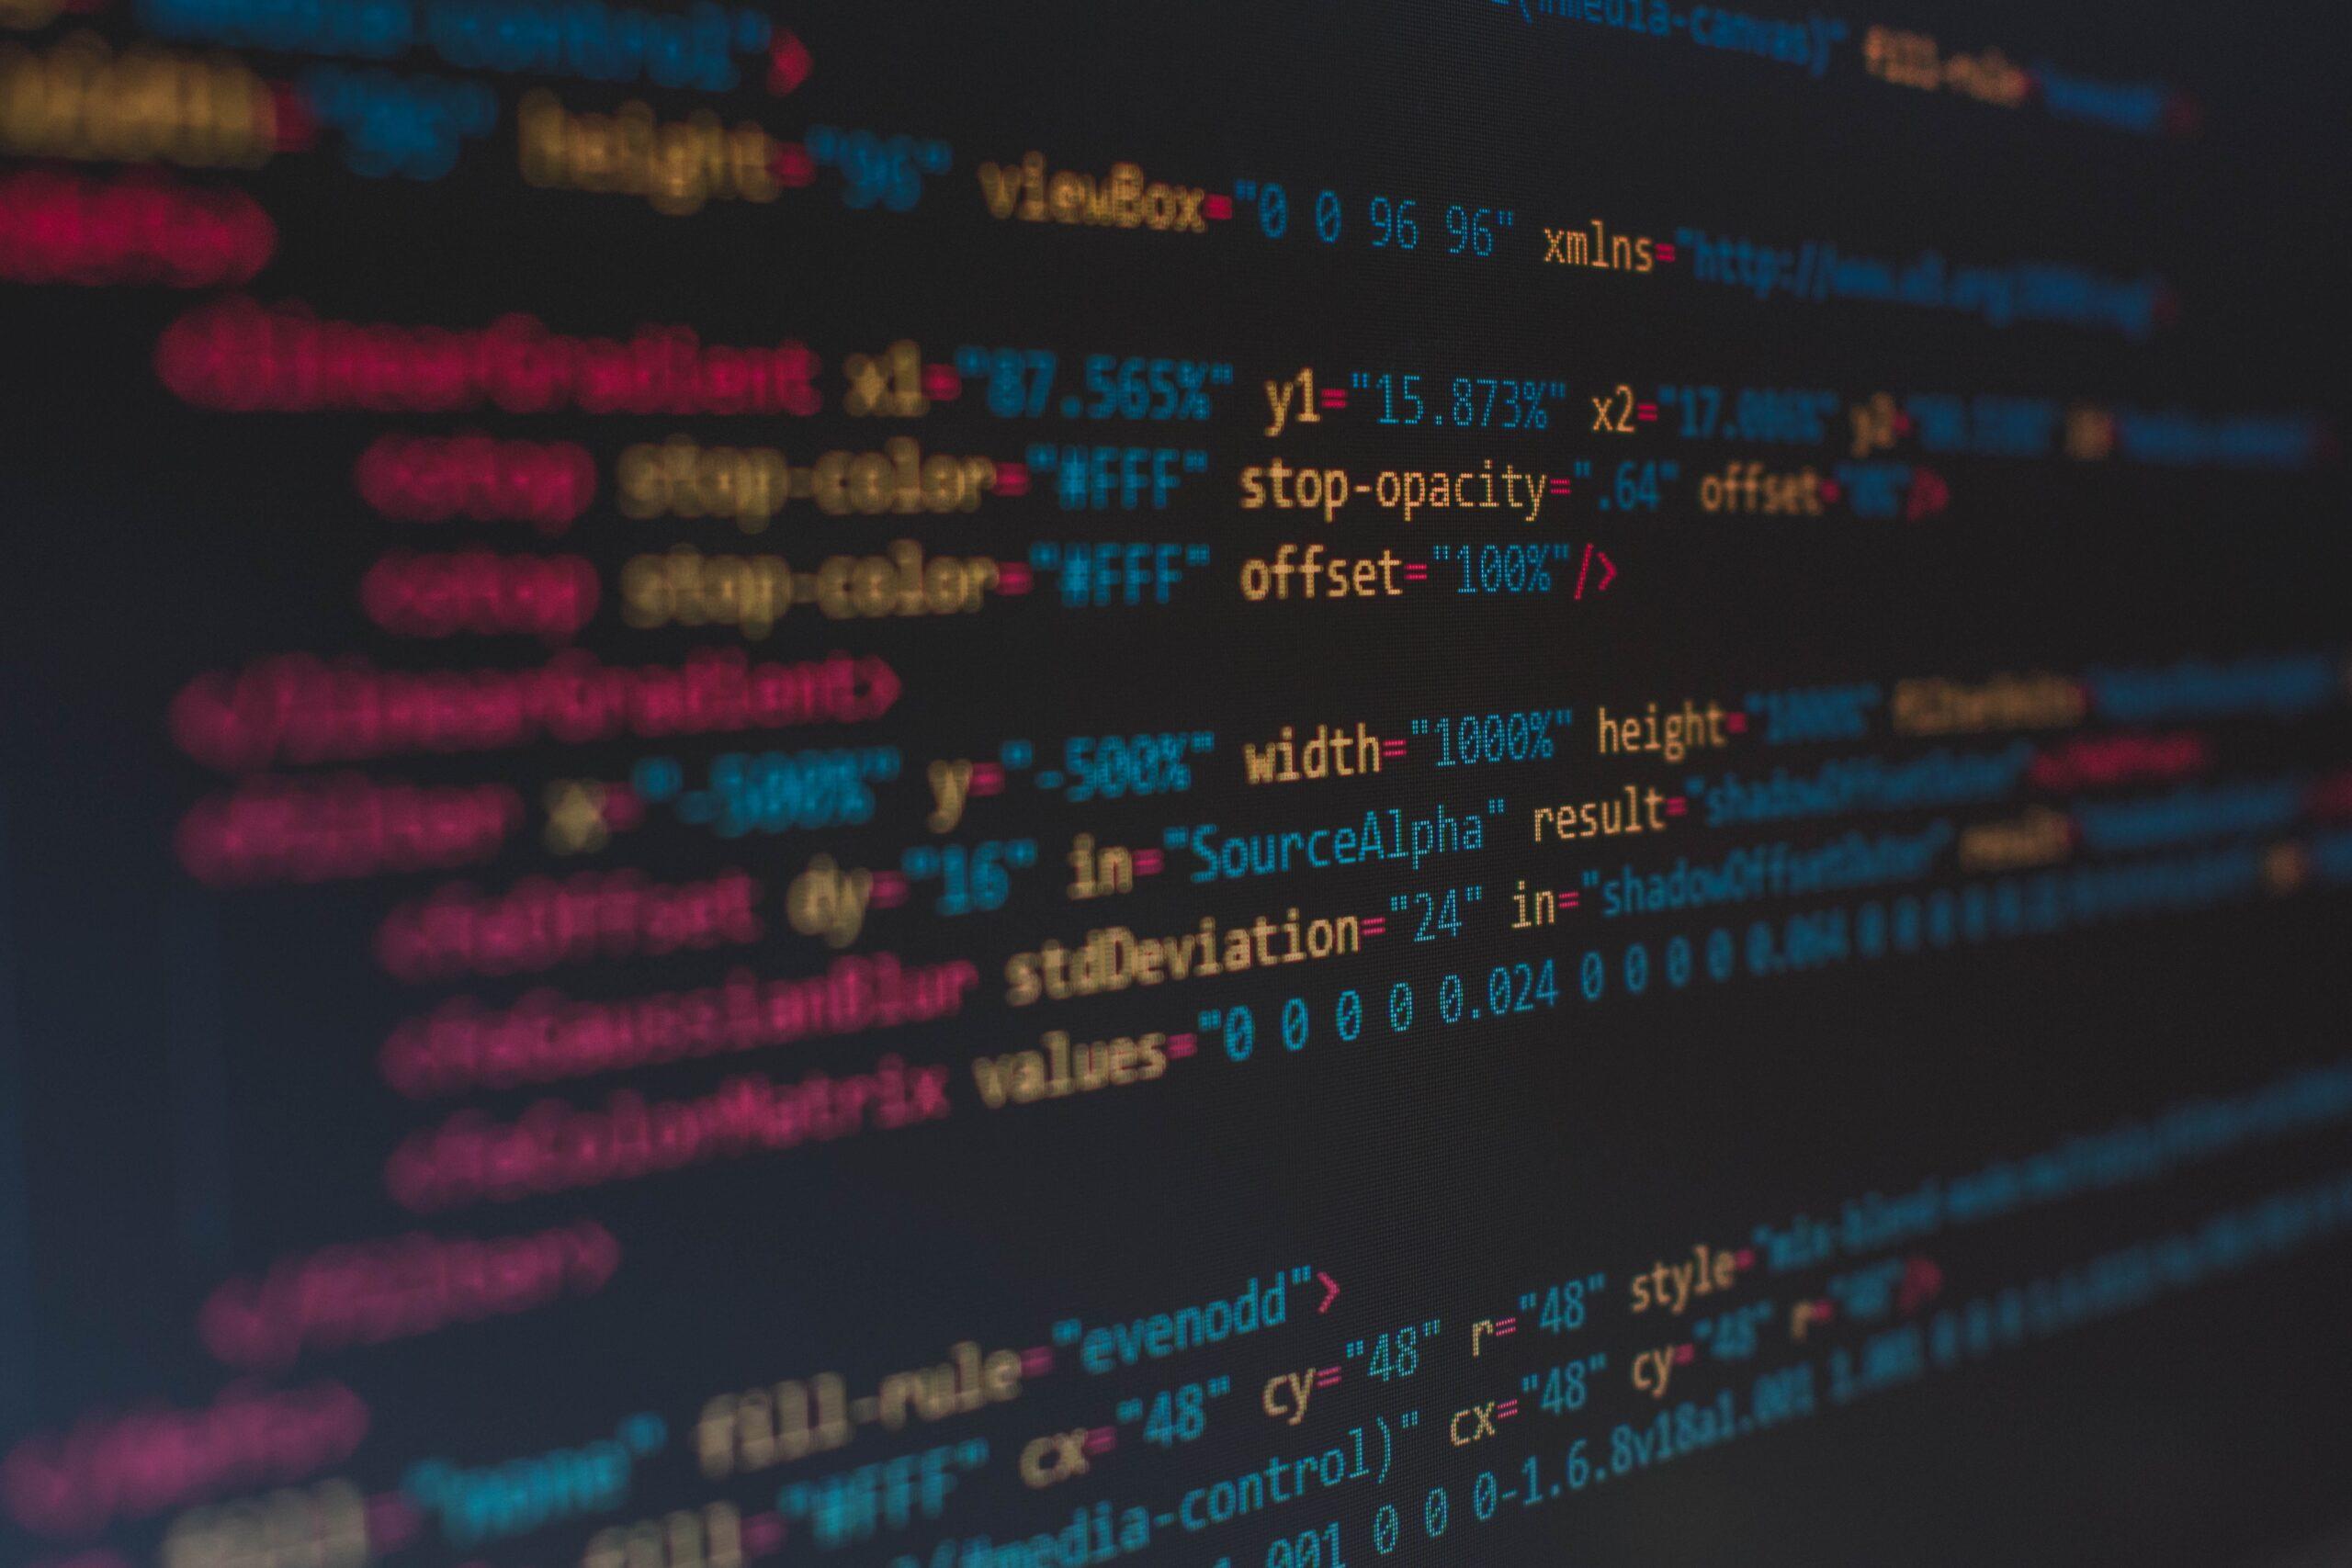 Le regole chiave per evitare un'intrusione informatica ai dispositivi Windows